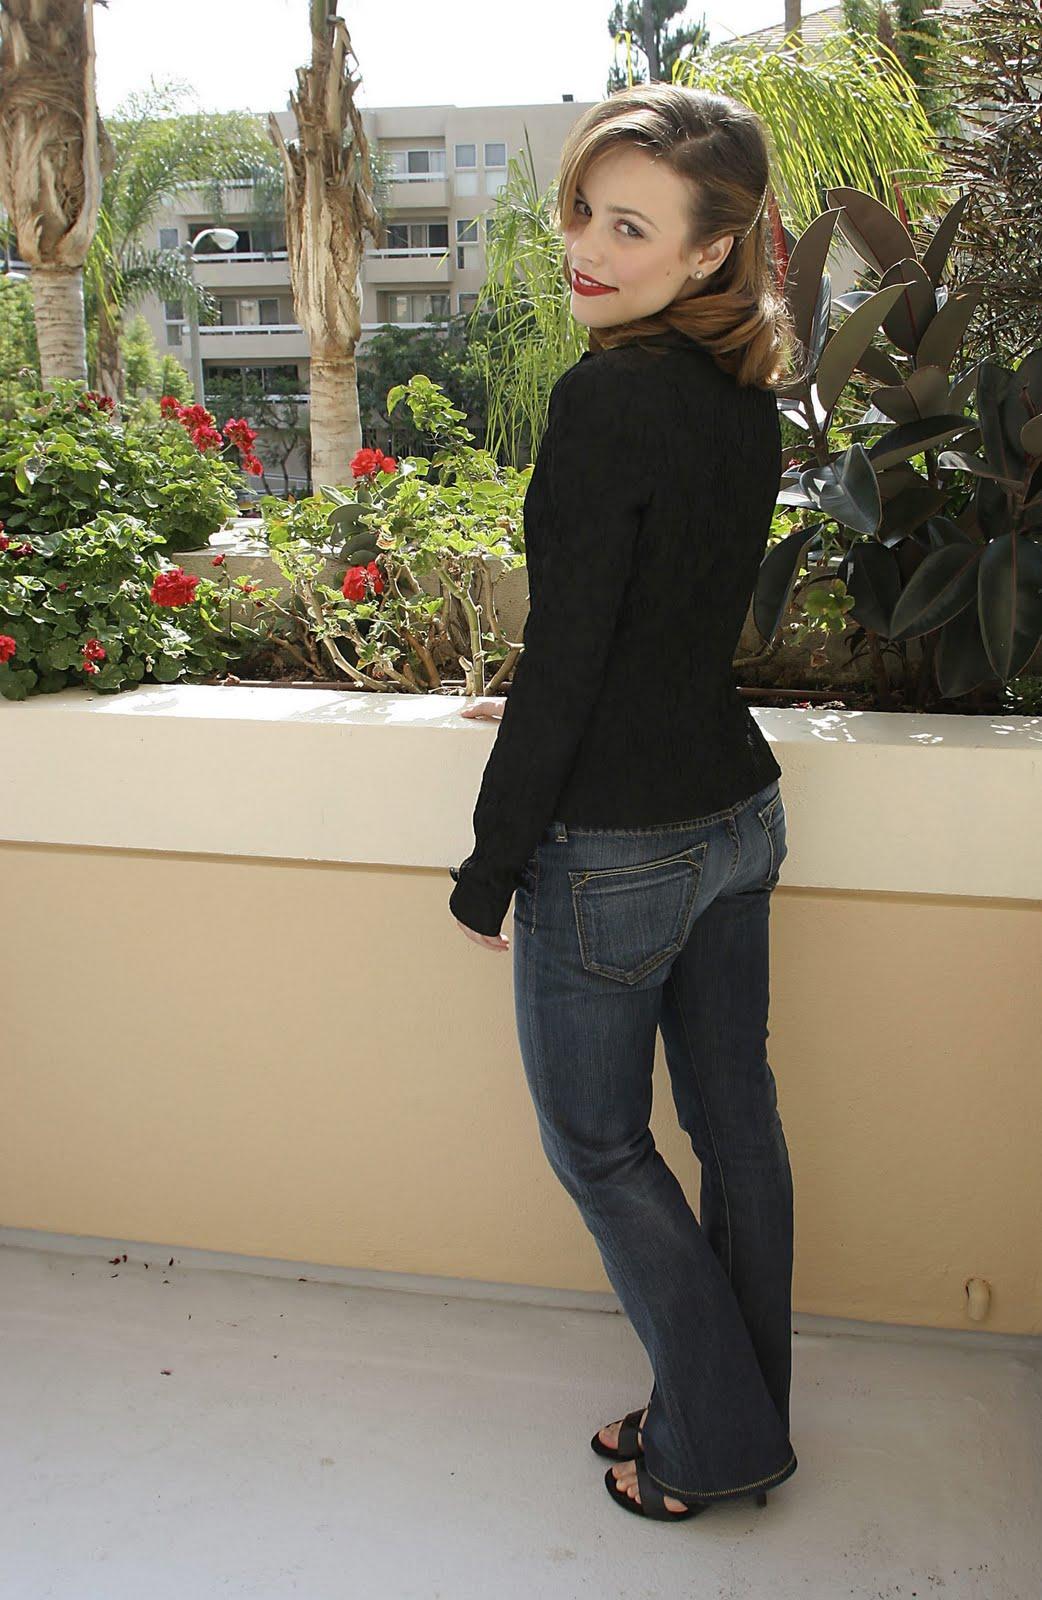 http://4.bp.blogspot.com/-kAtpsMJIq04/TelX5Df-MVI/AAAAAAAAAKc/ZZ1FteWiUUY/s1600/Rachel+McAdams+%252814%2529.jpg